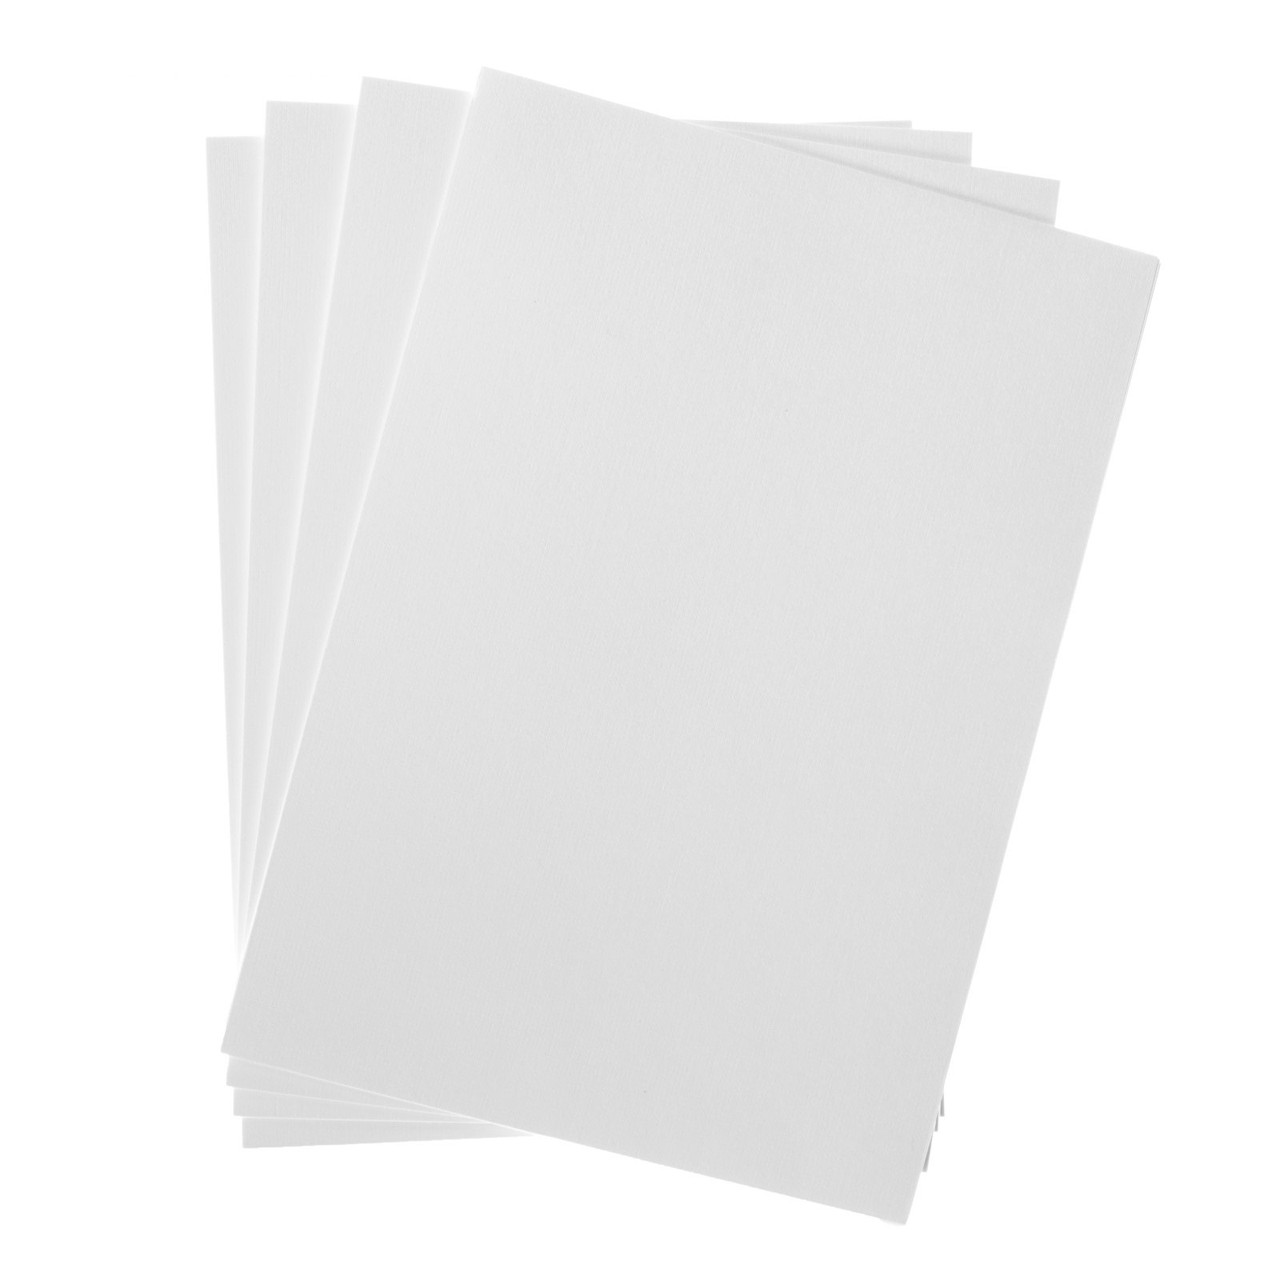 Бумага для рисования А4, 50 листов с тиснением «Холст», 200 г/м²